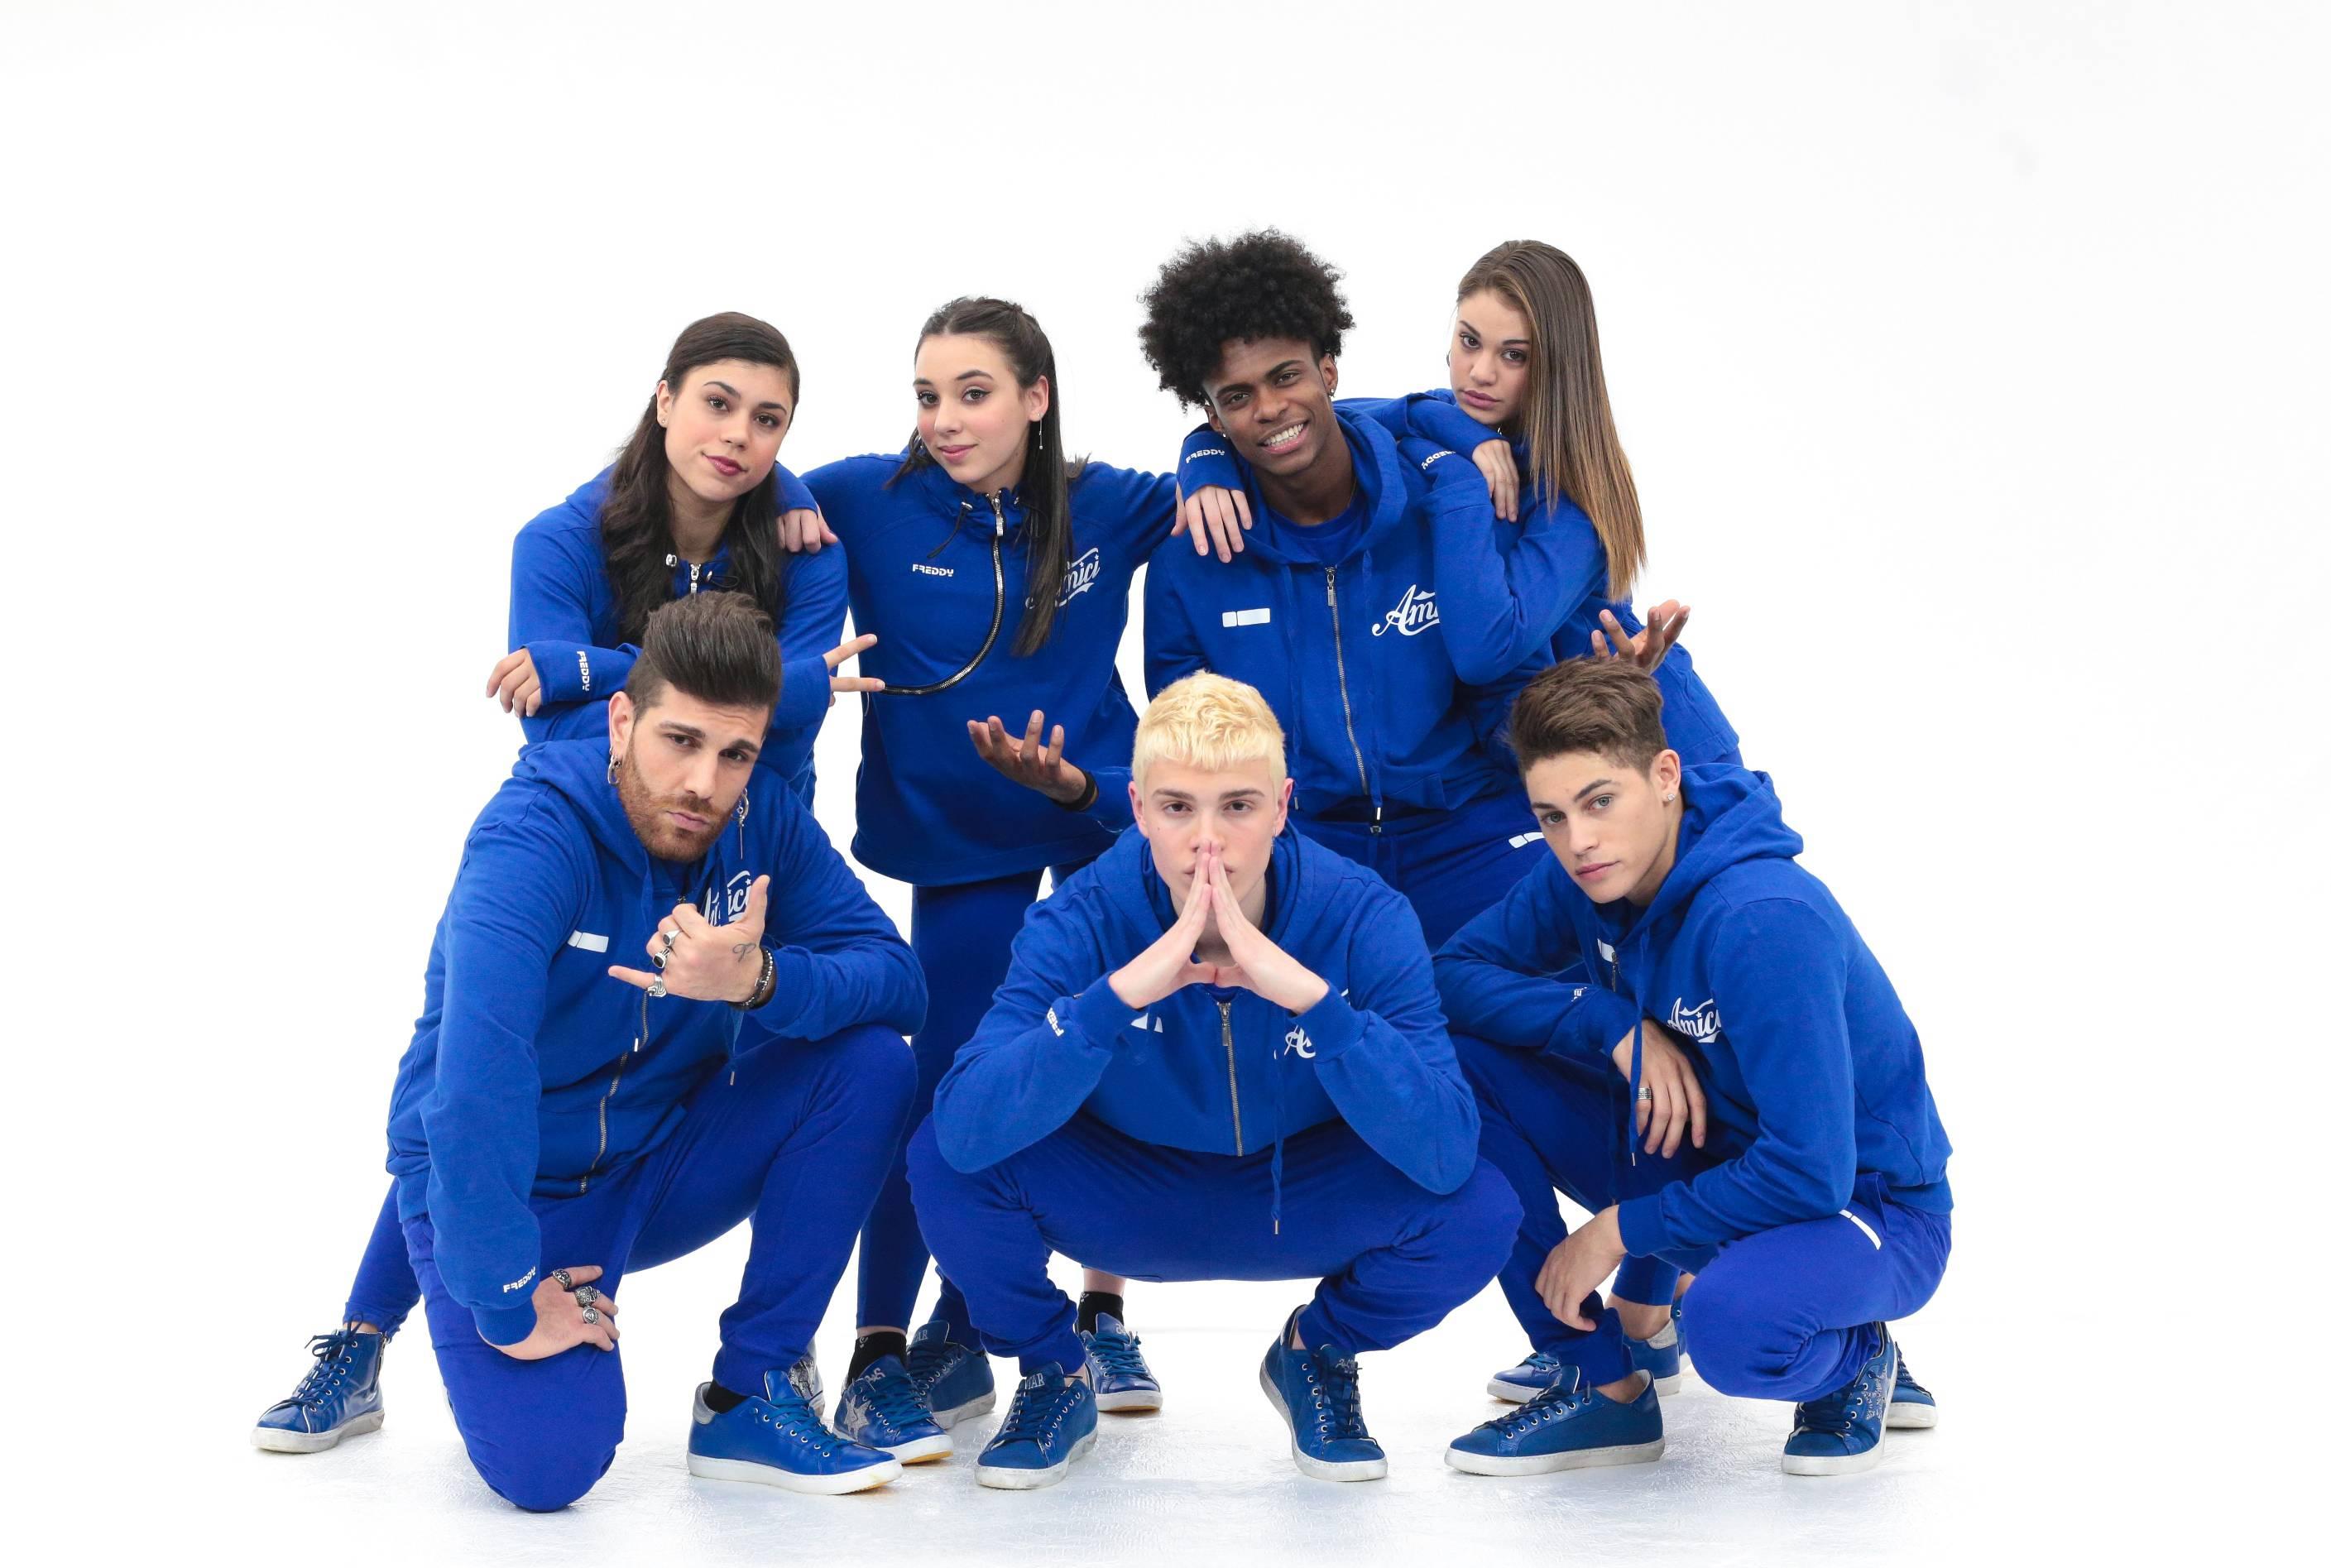 serale-amici-2018-squadra-bianca-blu